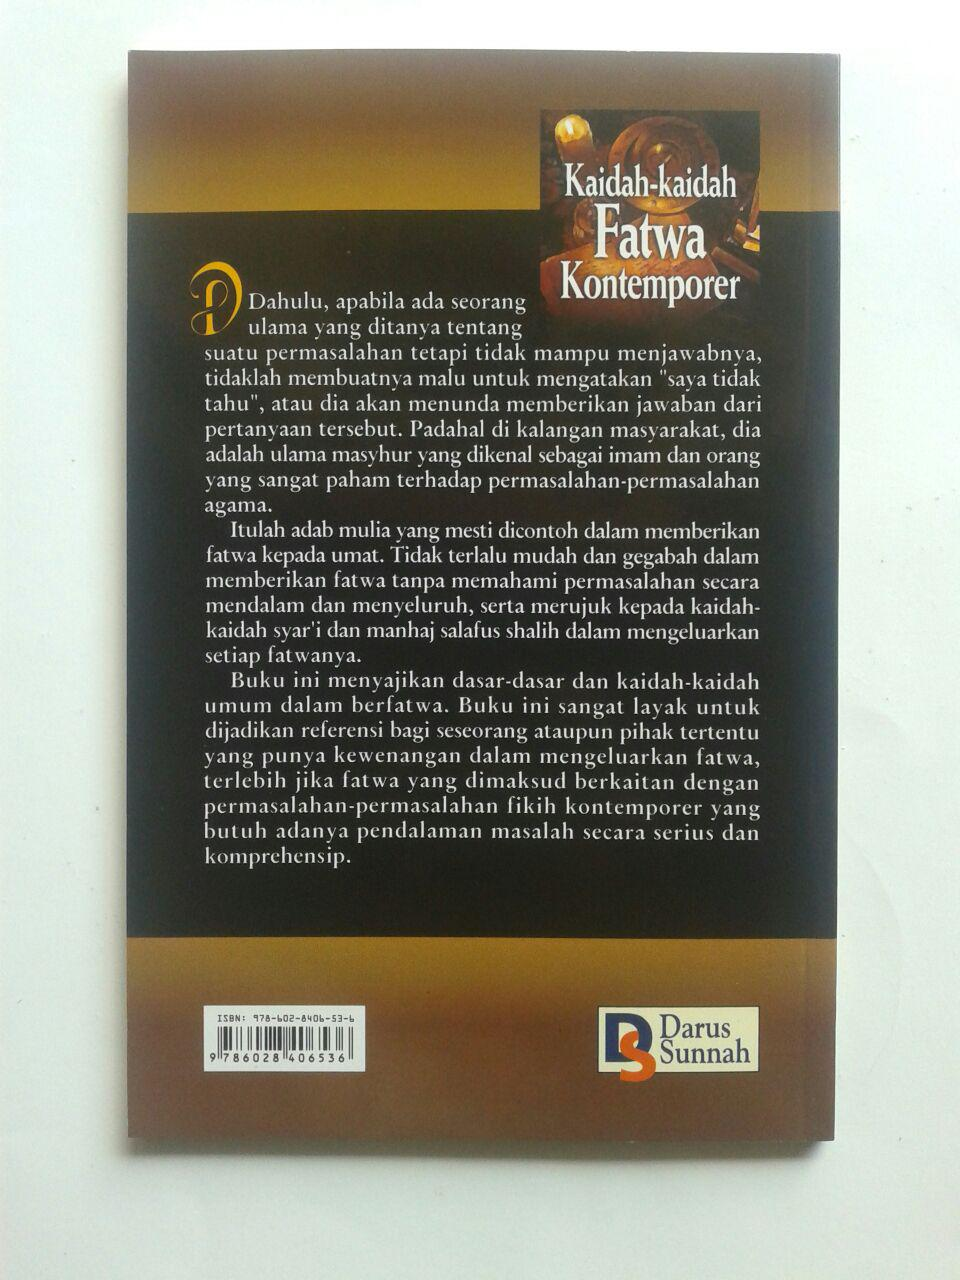 Buku Kaidah-Kaidah Fatwa Kontemporer 19.000 15% 16.150 Darus Sunnah DR. Husain Bin Abdul Aziz Alu Syaikh cover